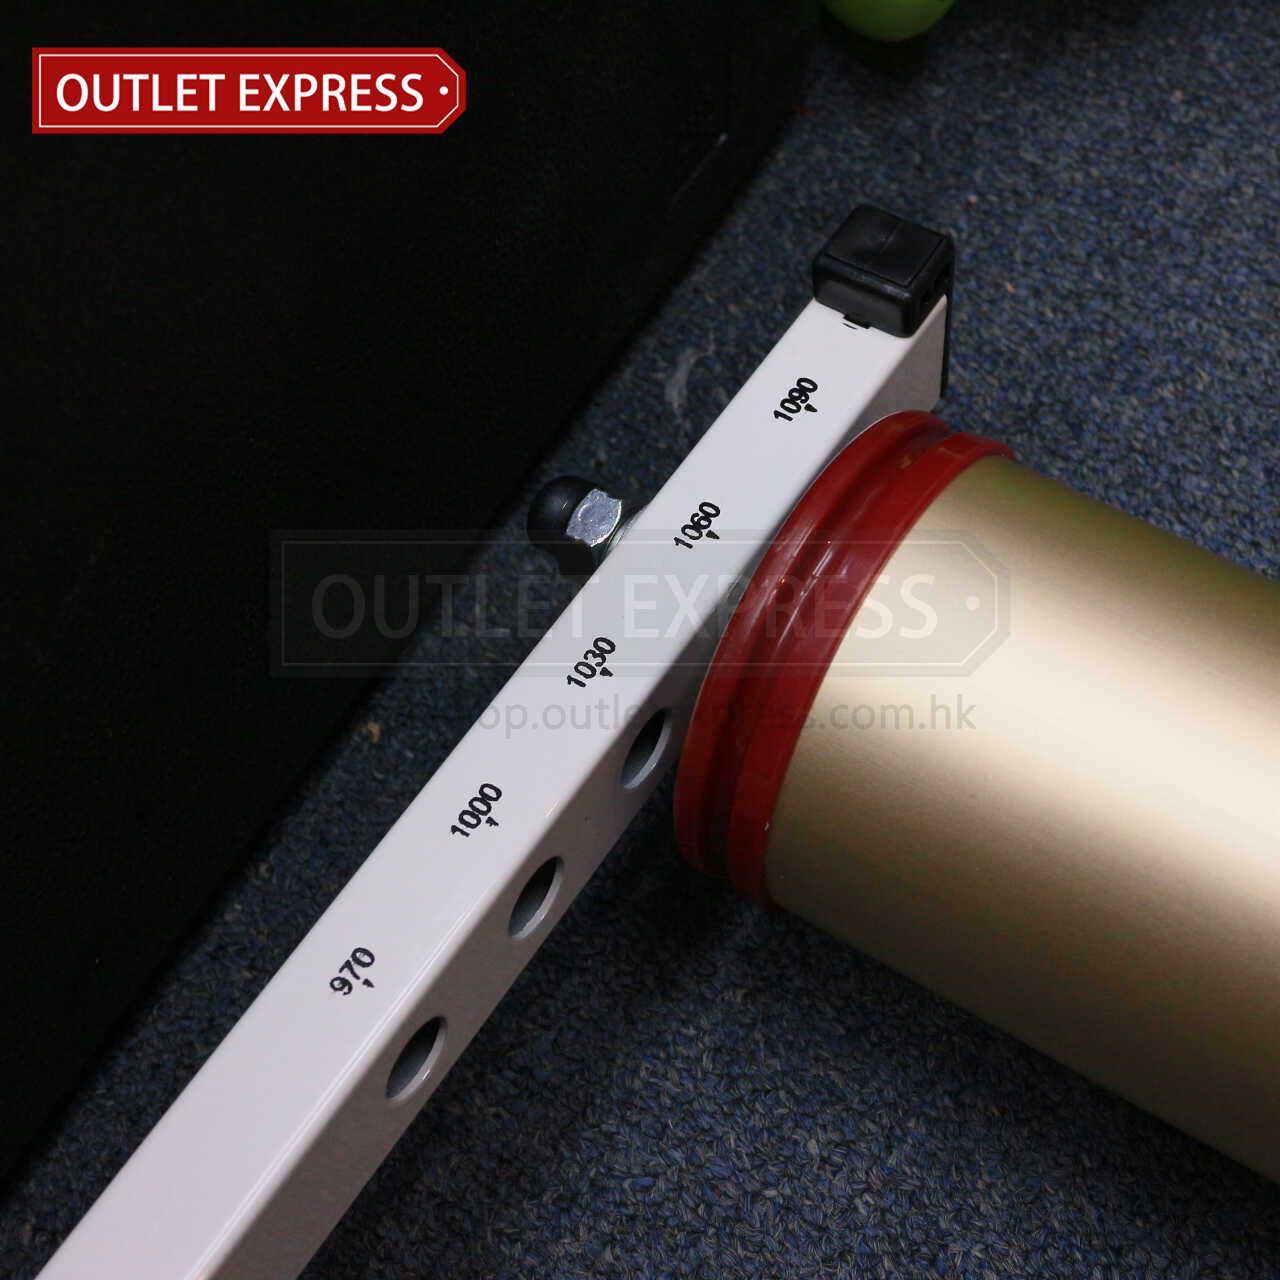 滾筒室內單車訓練台 -單車長度調較 Outlet Express HK生活百貨城實拍相片